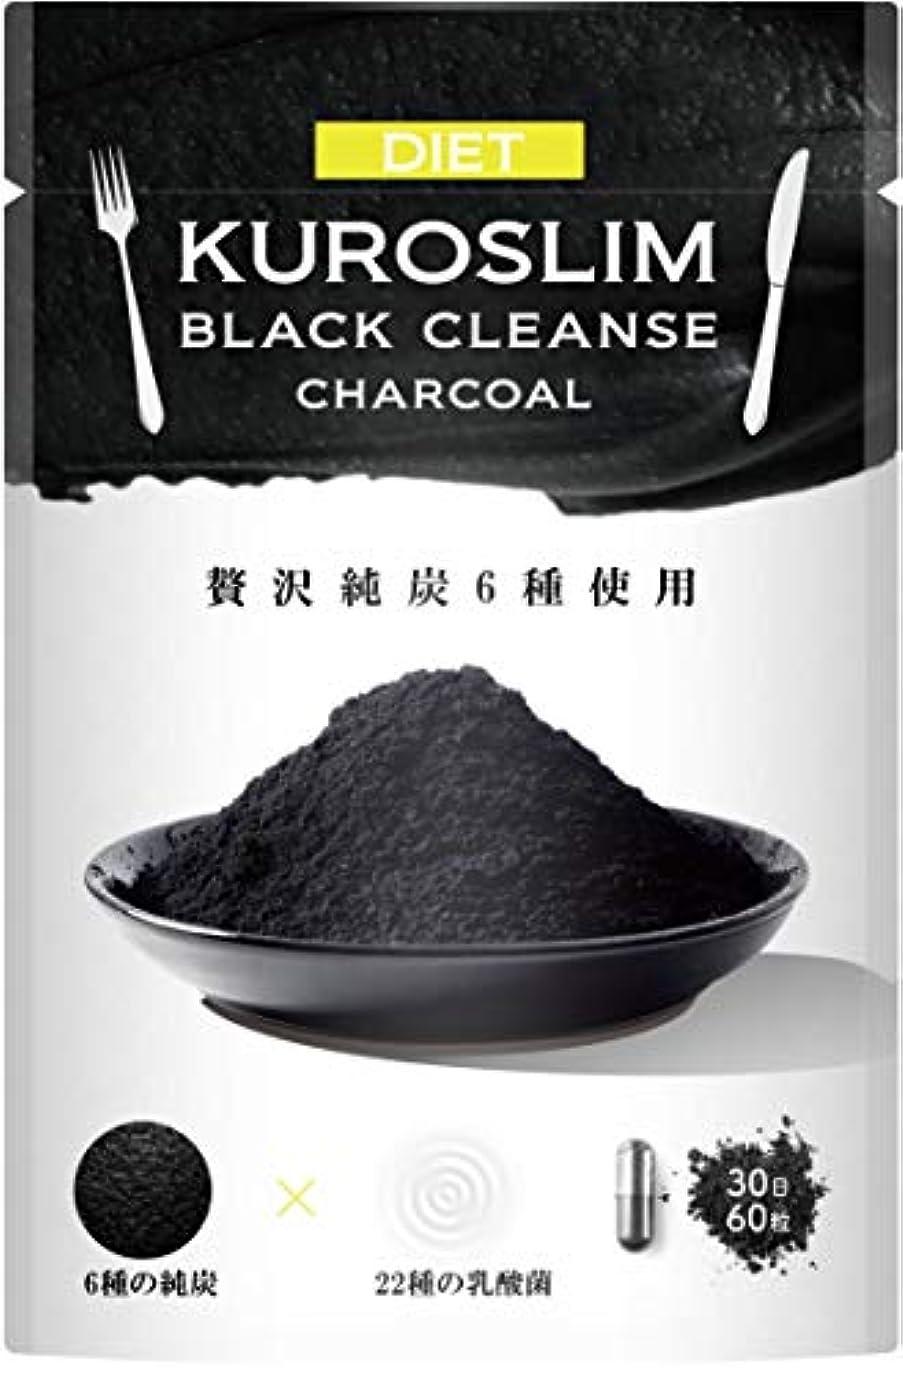 かもしれない規制船乗り炭 ダイエットサプリ KUROSLIM 6種の純炭 乳酸菌 60粒30日分